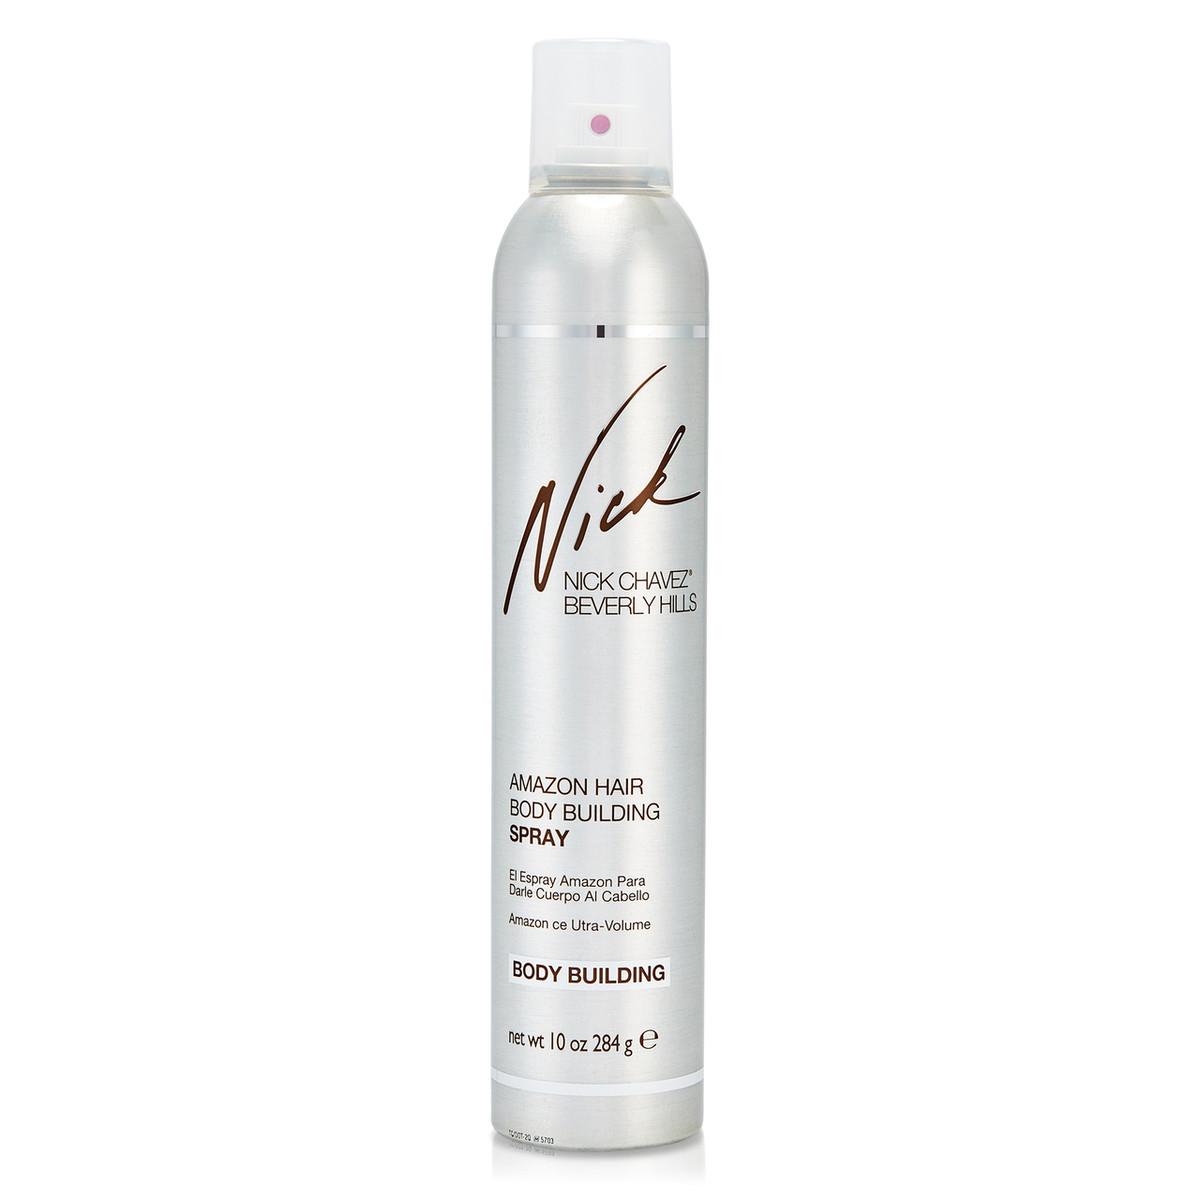 Amazon Hair Body Building Spray 10oz